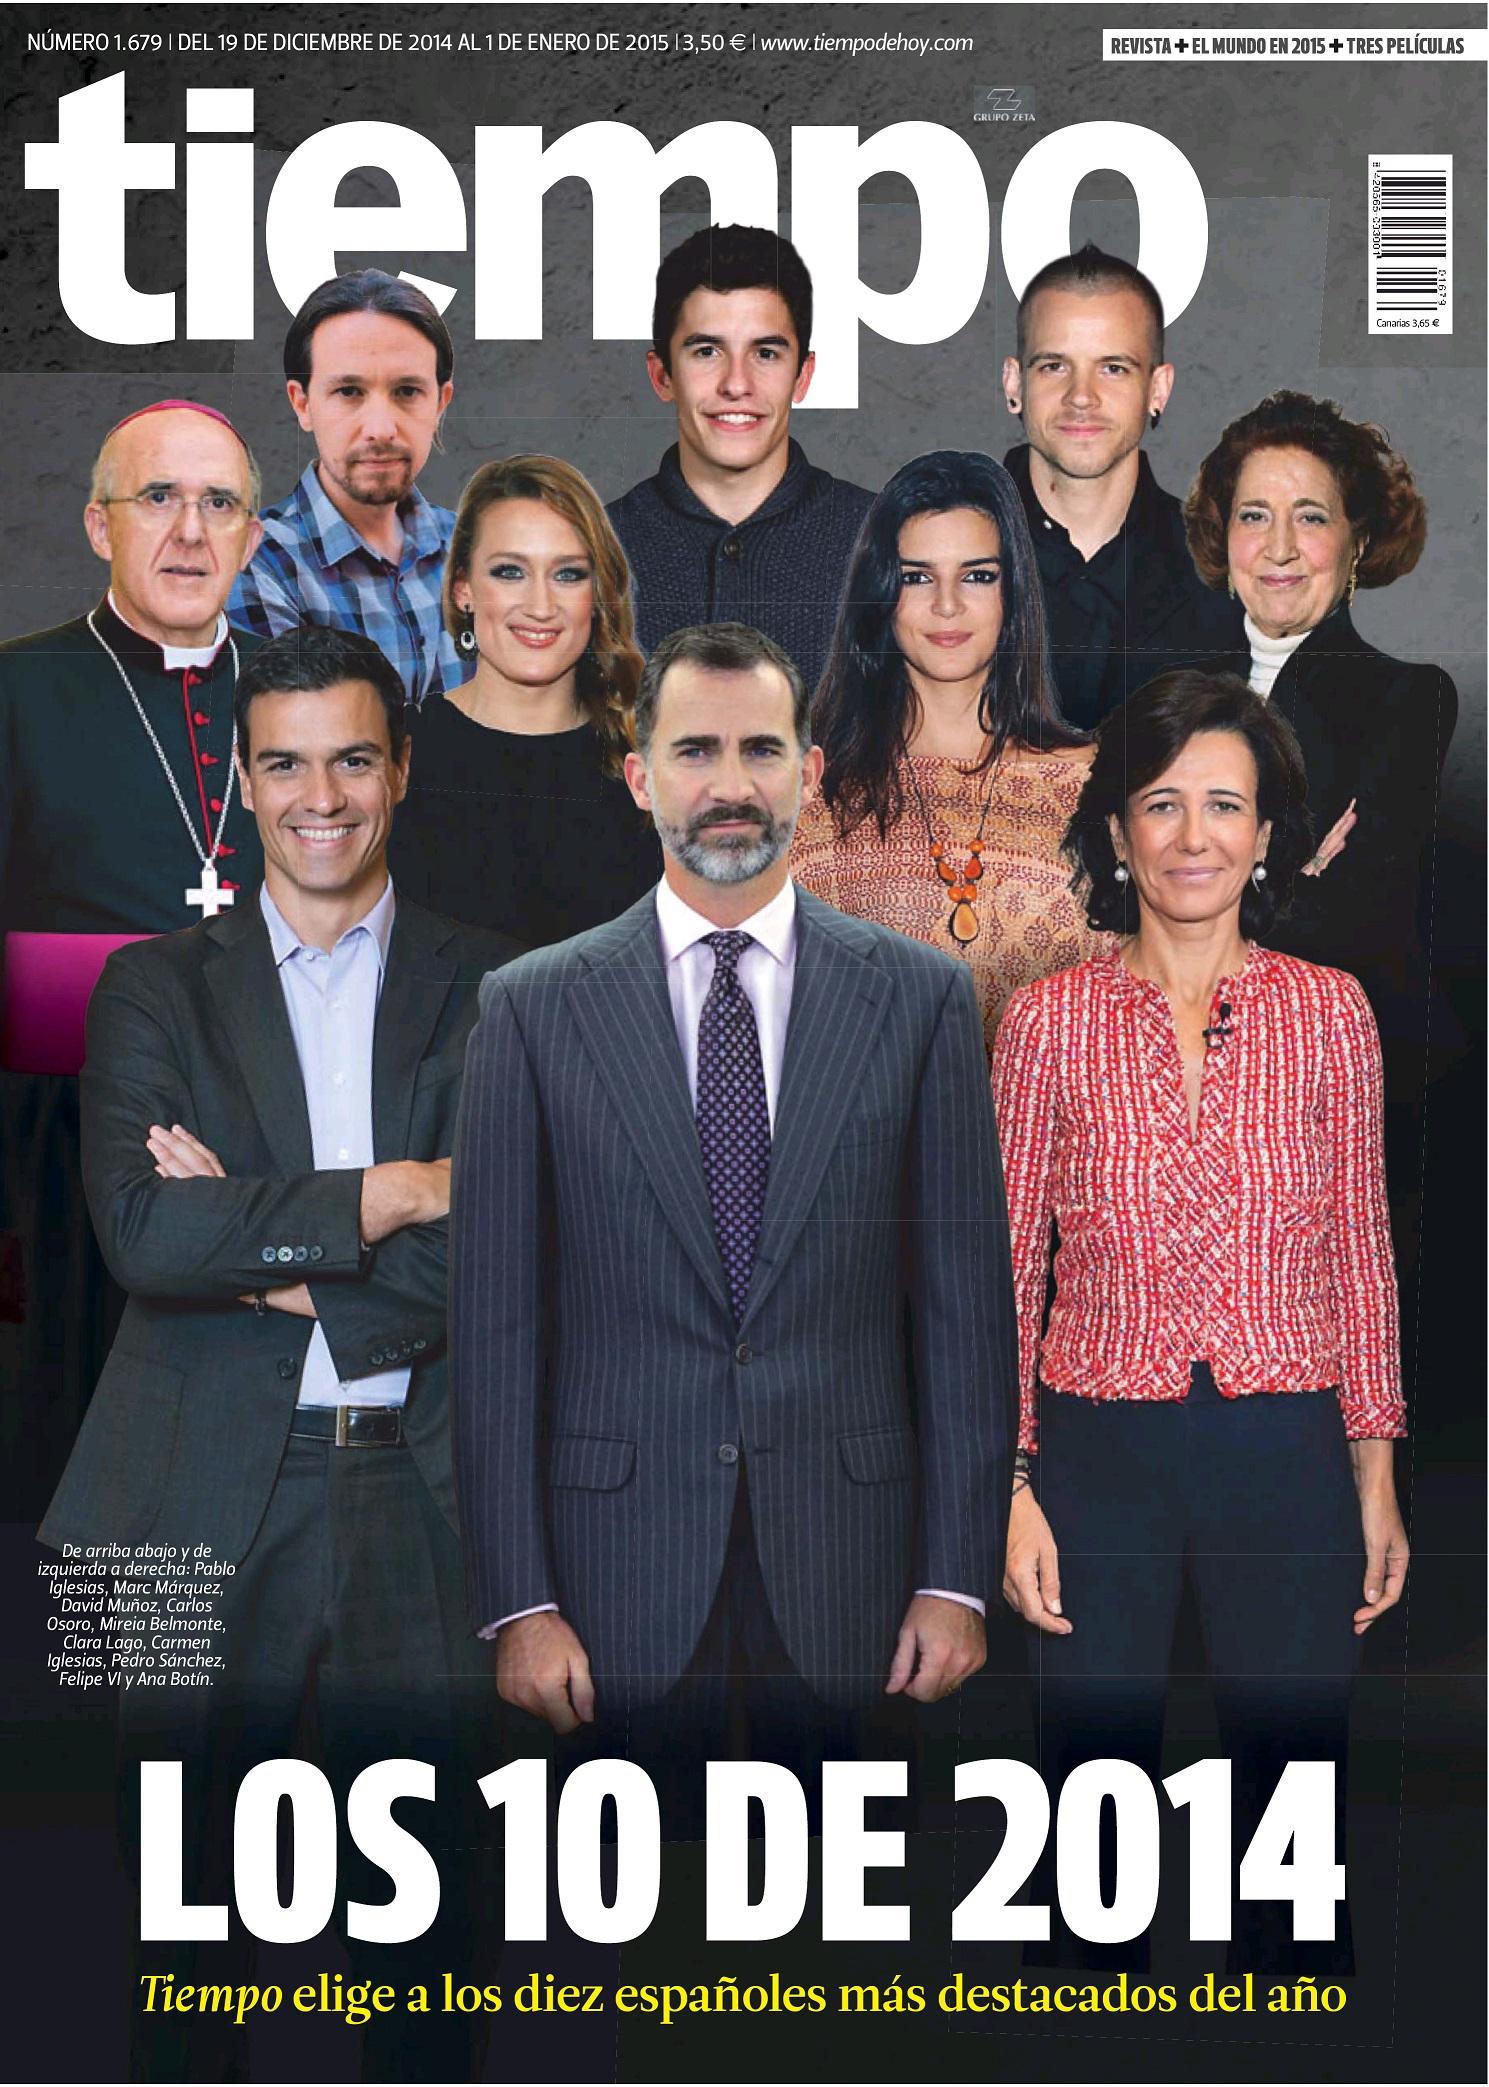 TIEMPO portada 21 de Diciembre 2014